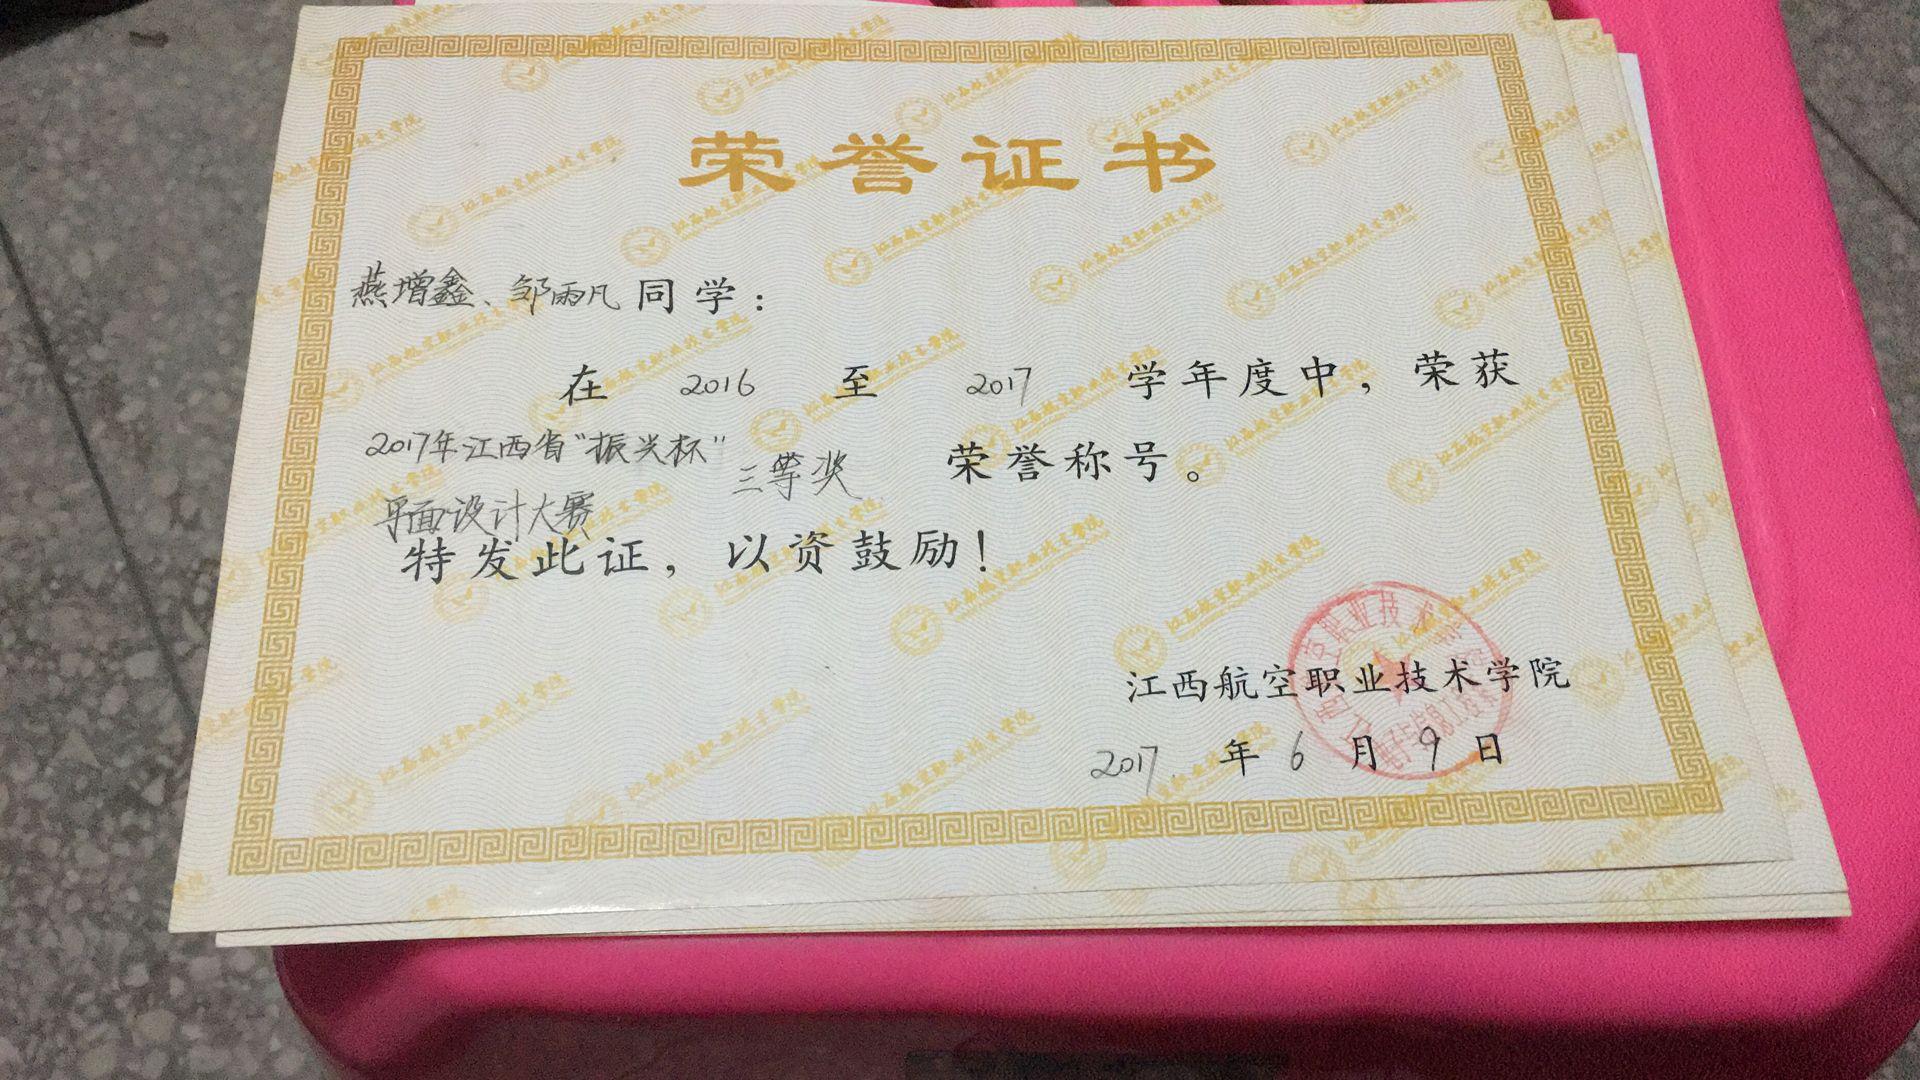 国奖学生风采:燕增鑫—— 风华正茂,赤心报国!